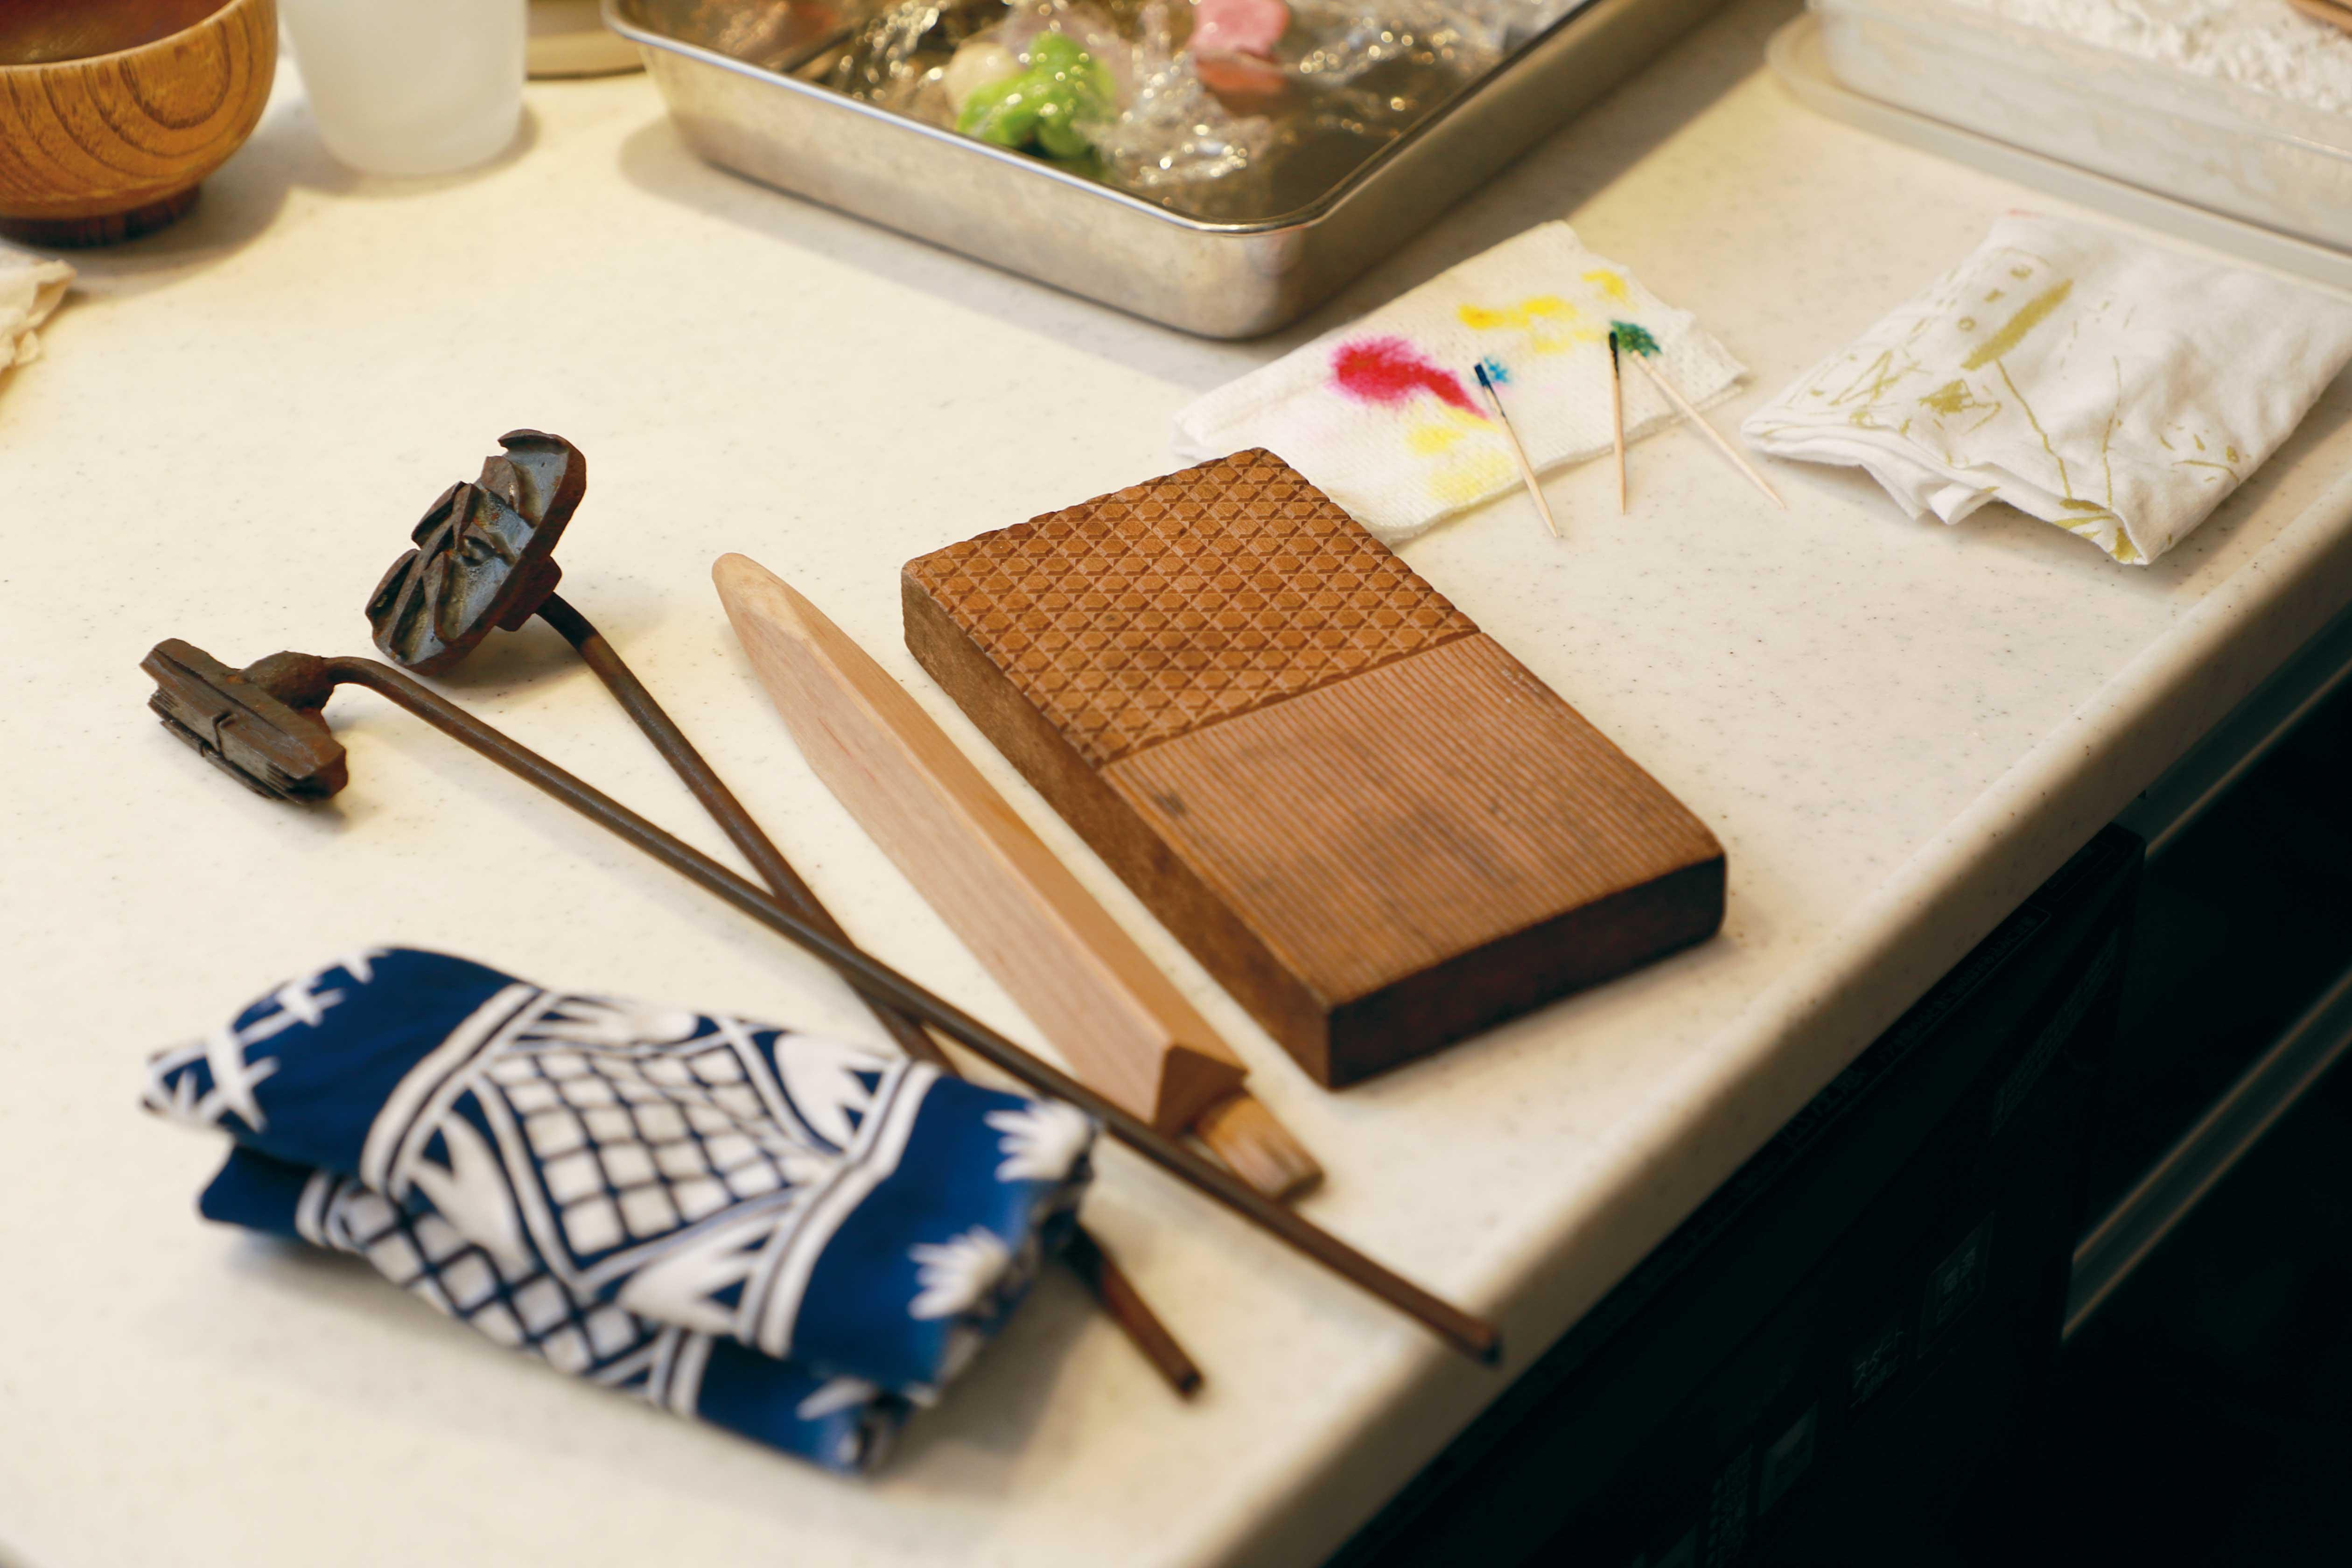 和菓子作りに欠かせない道具写真